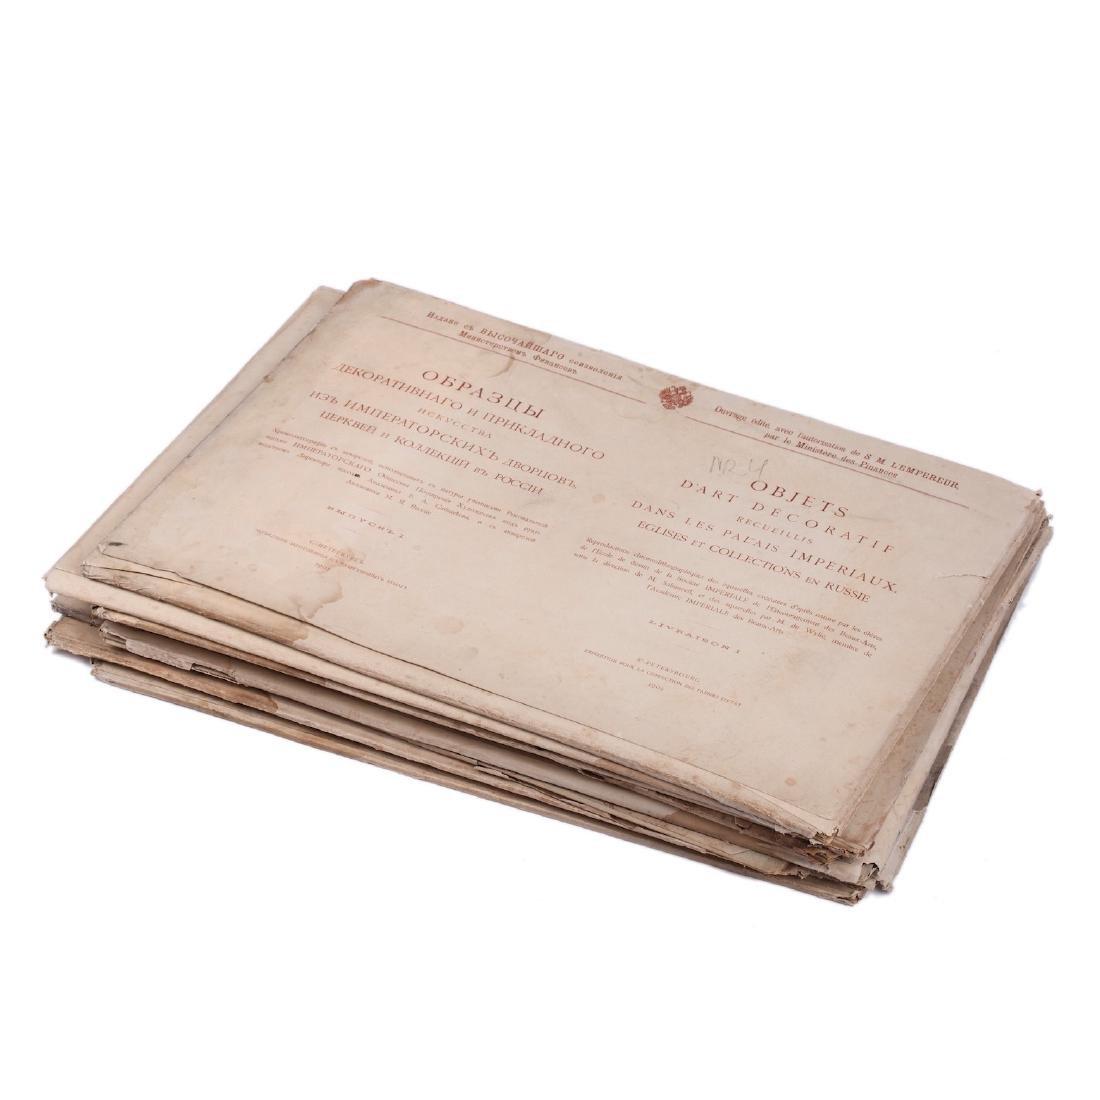 Rare Russian album. Petersburg, 1901